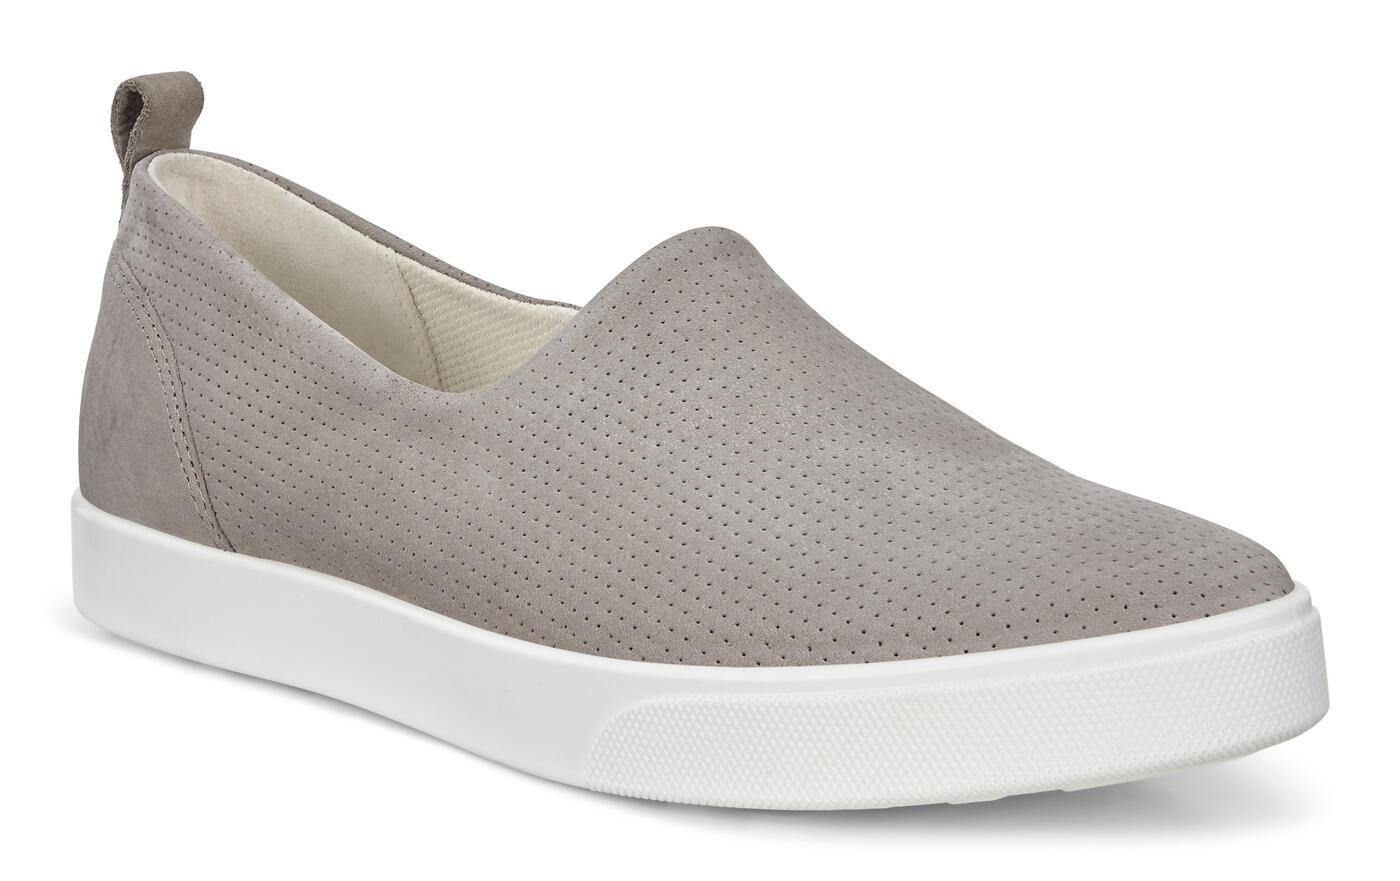 ECCO GILLIAN Women's Slip-on